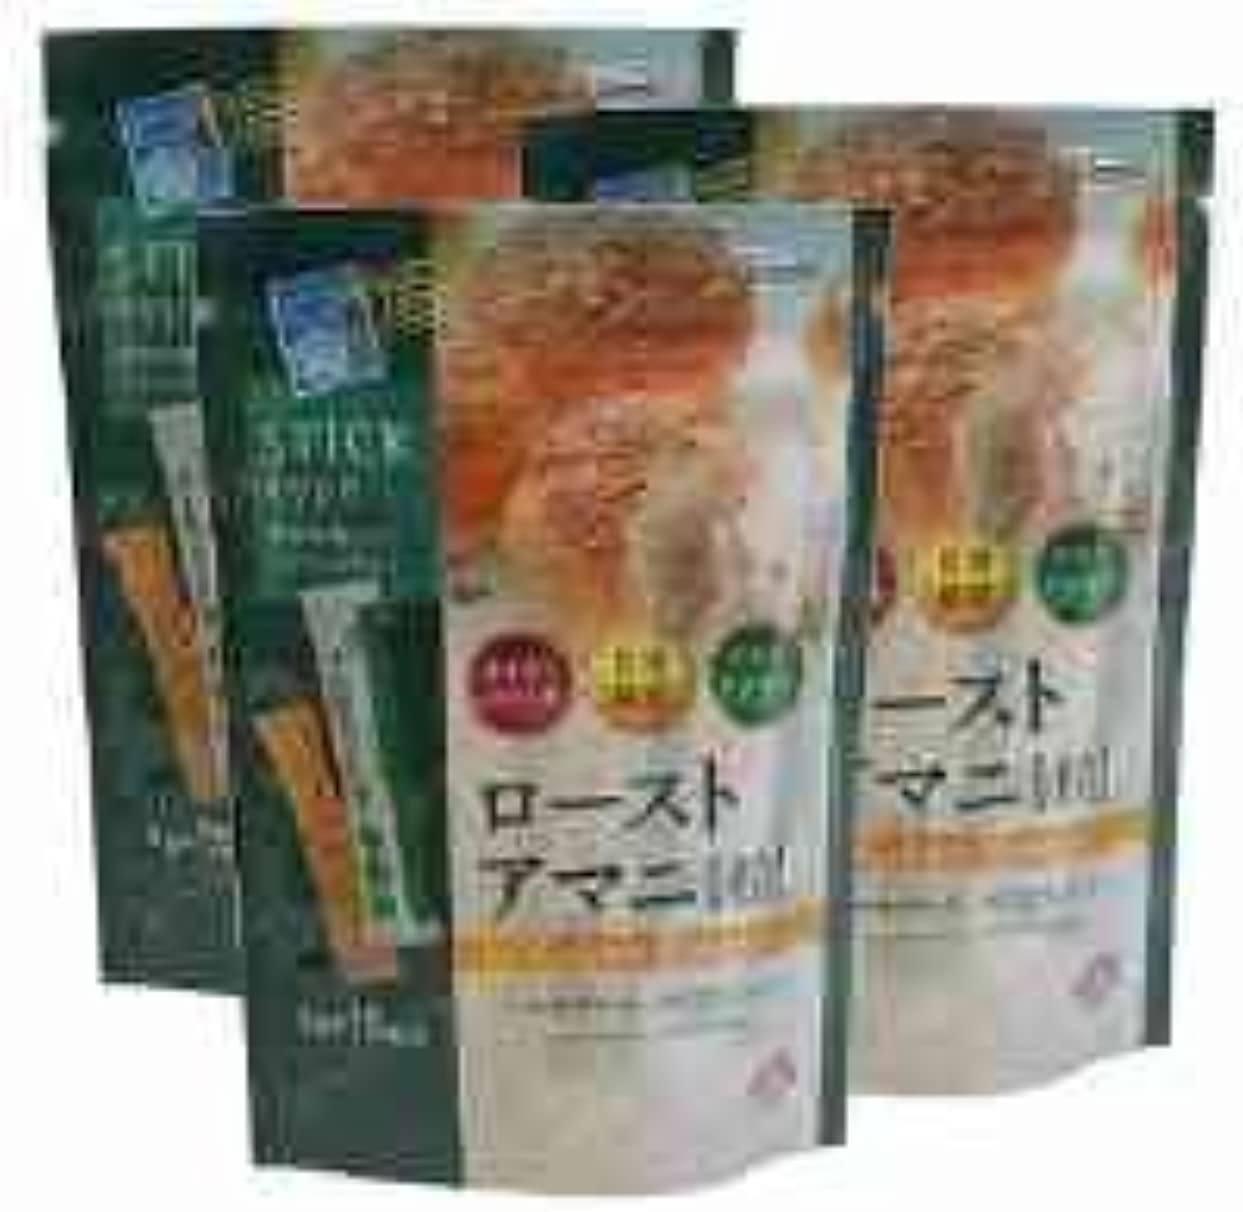 セッションナサニエル区楕円形ローストアマニ粒【3袋セット】日本製粉